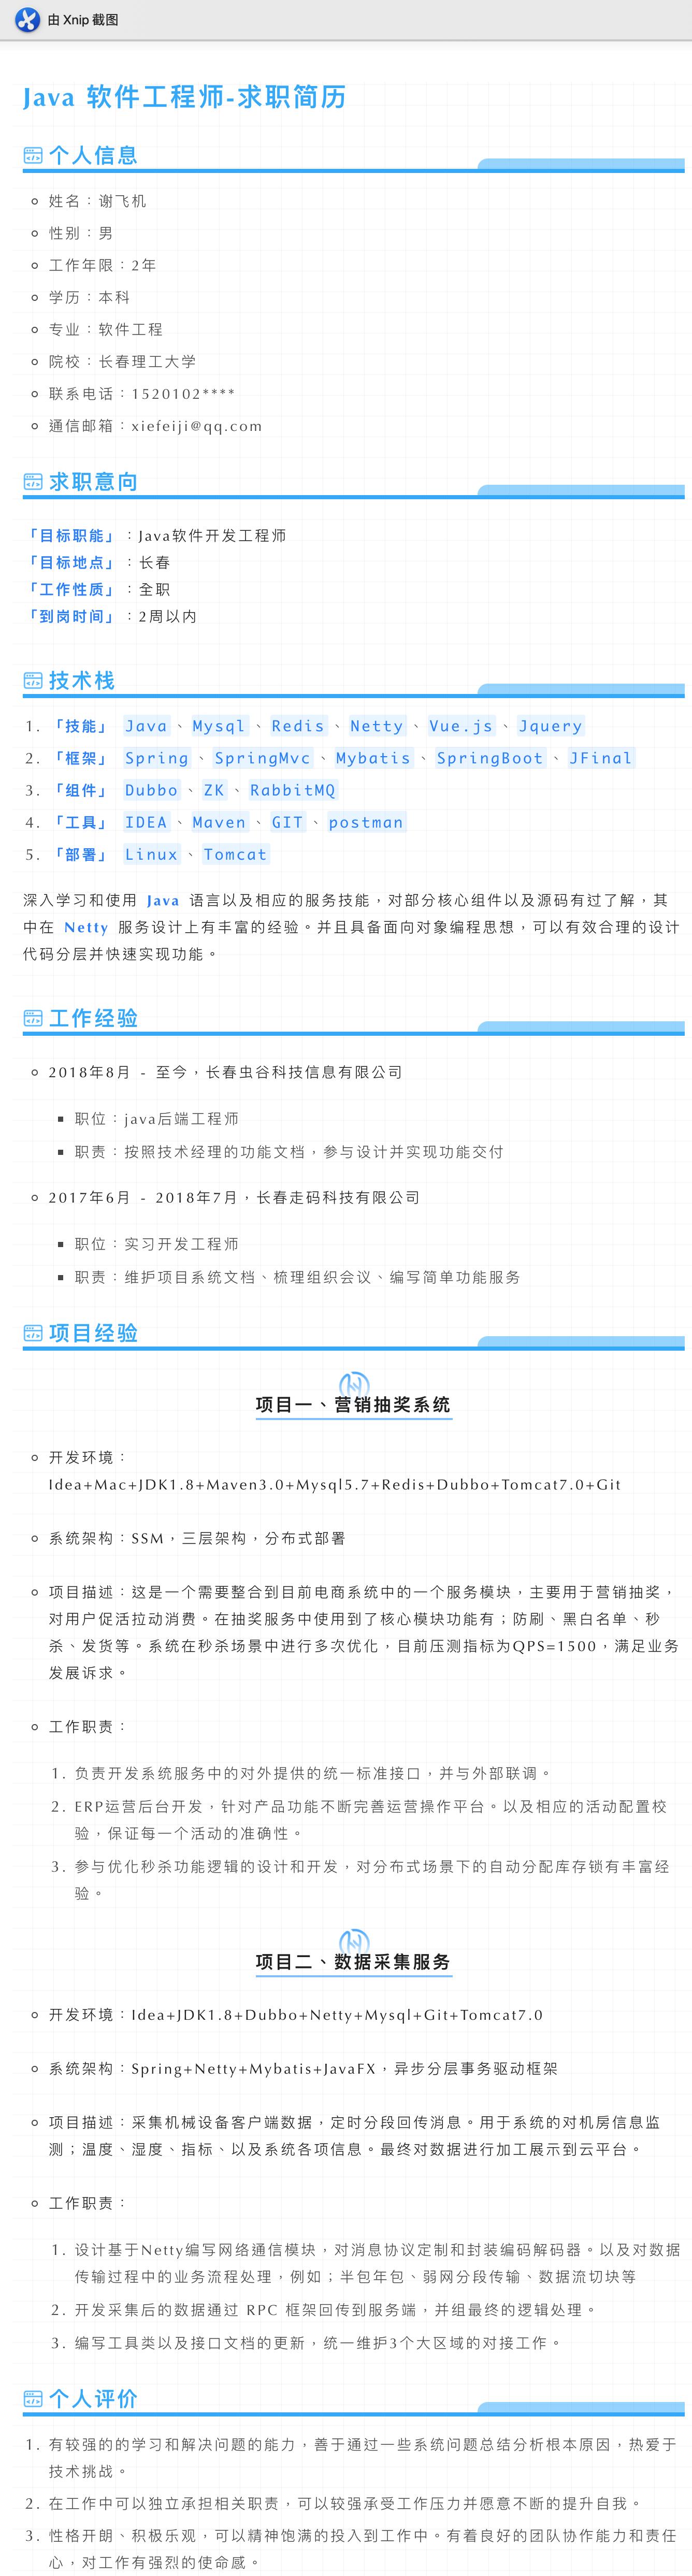 修改后的pdf简历